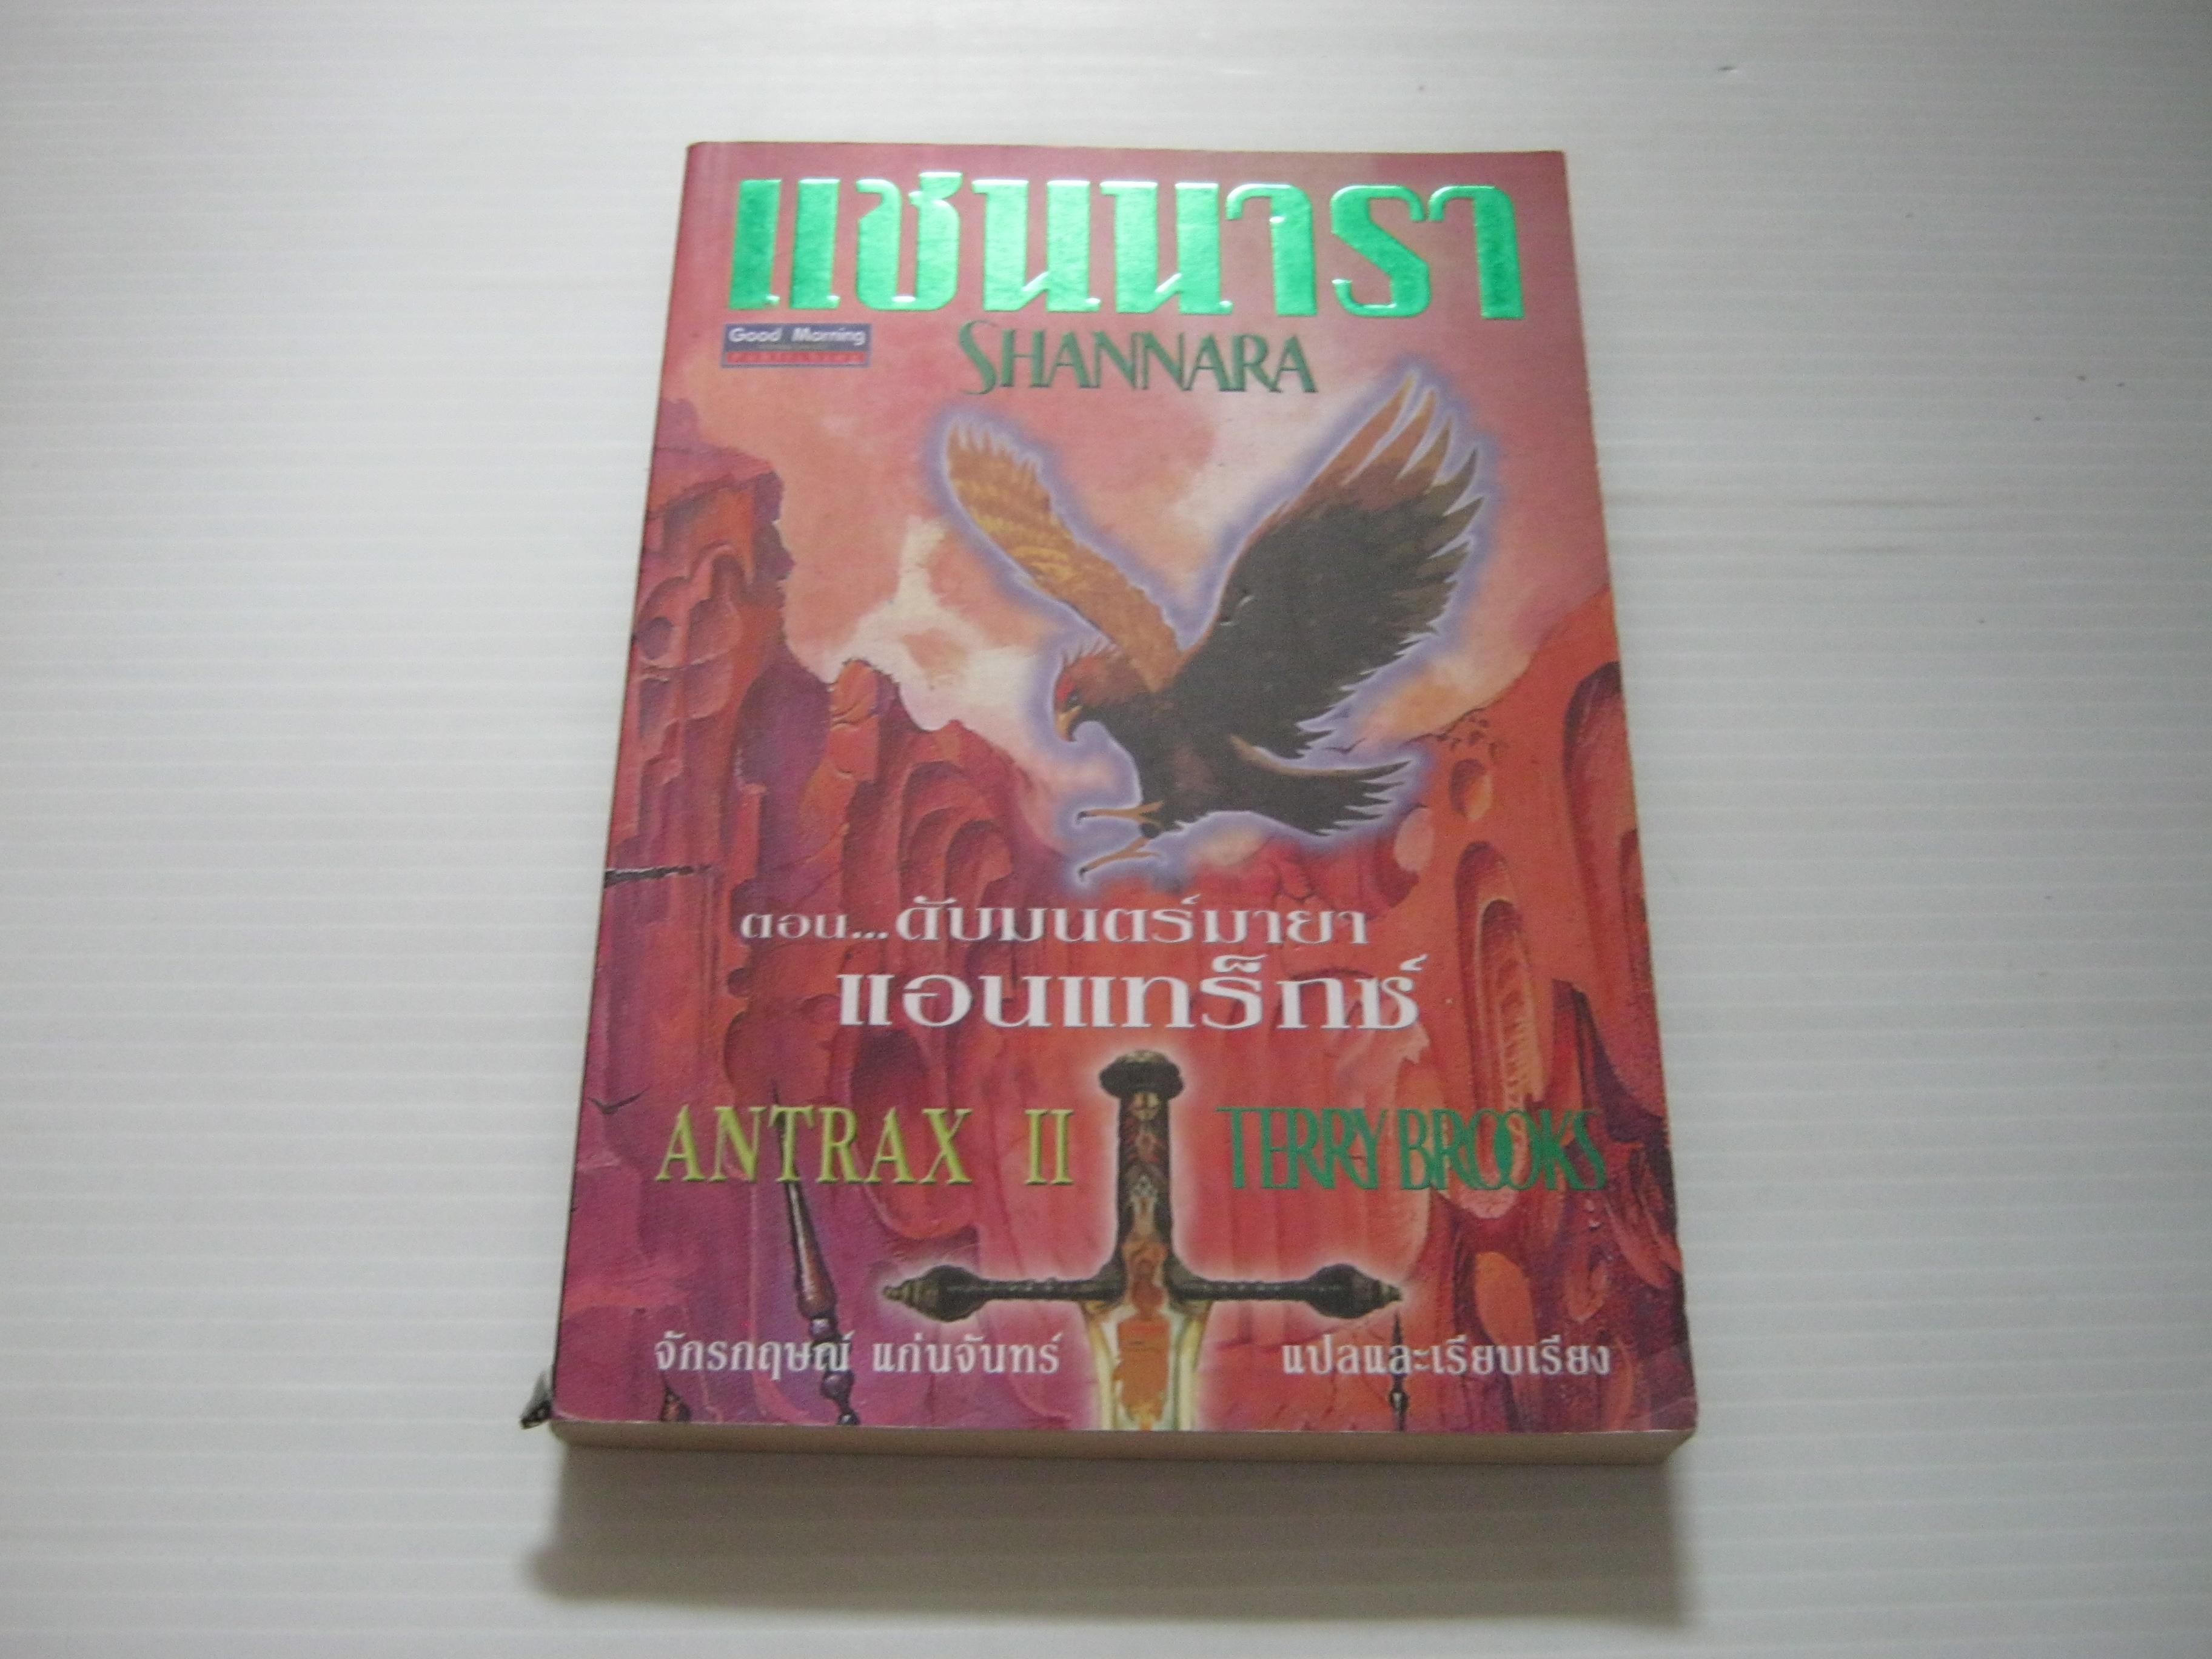 แชนนานา ตอน ดับมนตร์มายาแอนแทร็กซ์ (Shannara : Antraxs II) Terry Brooks เขียน จักรกฤษณ์ แก่นจันทร์ แปลและเรียบเรียง